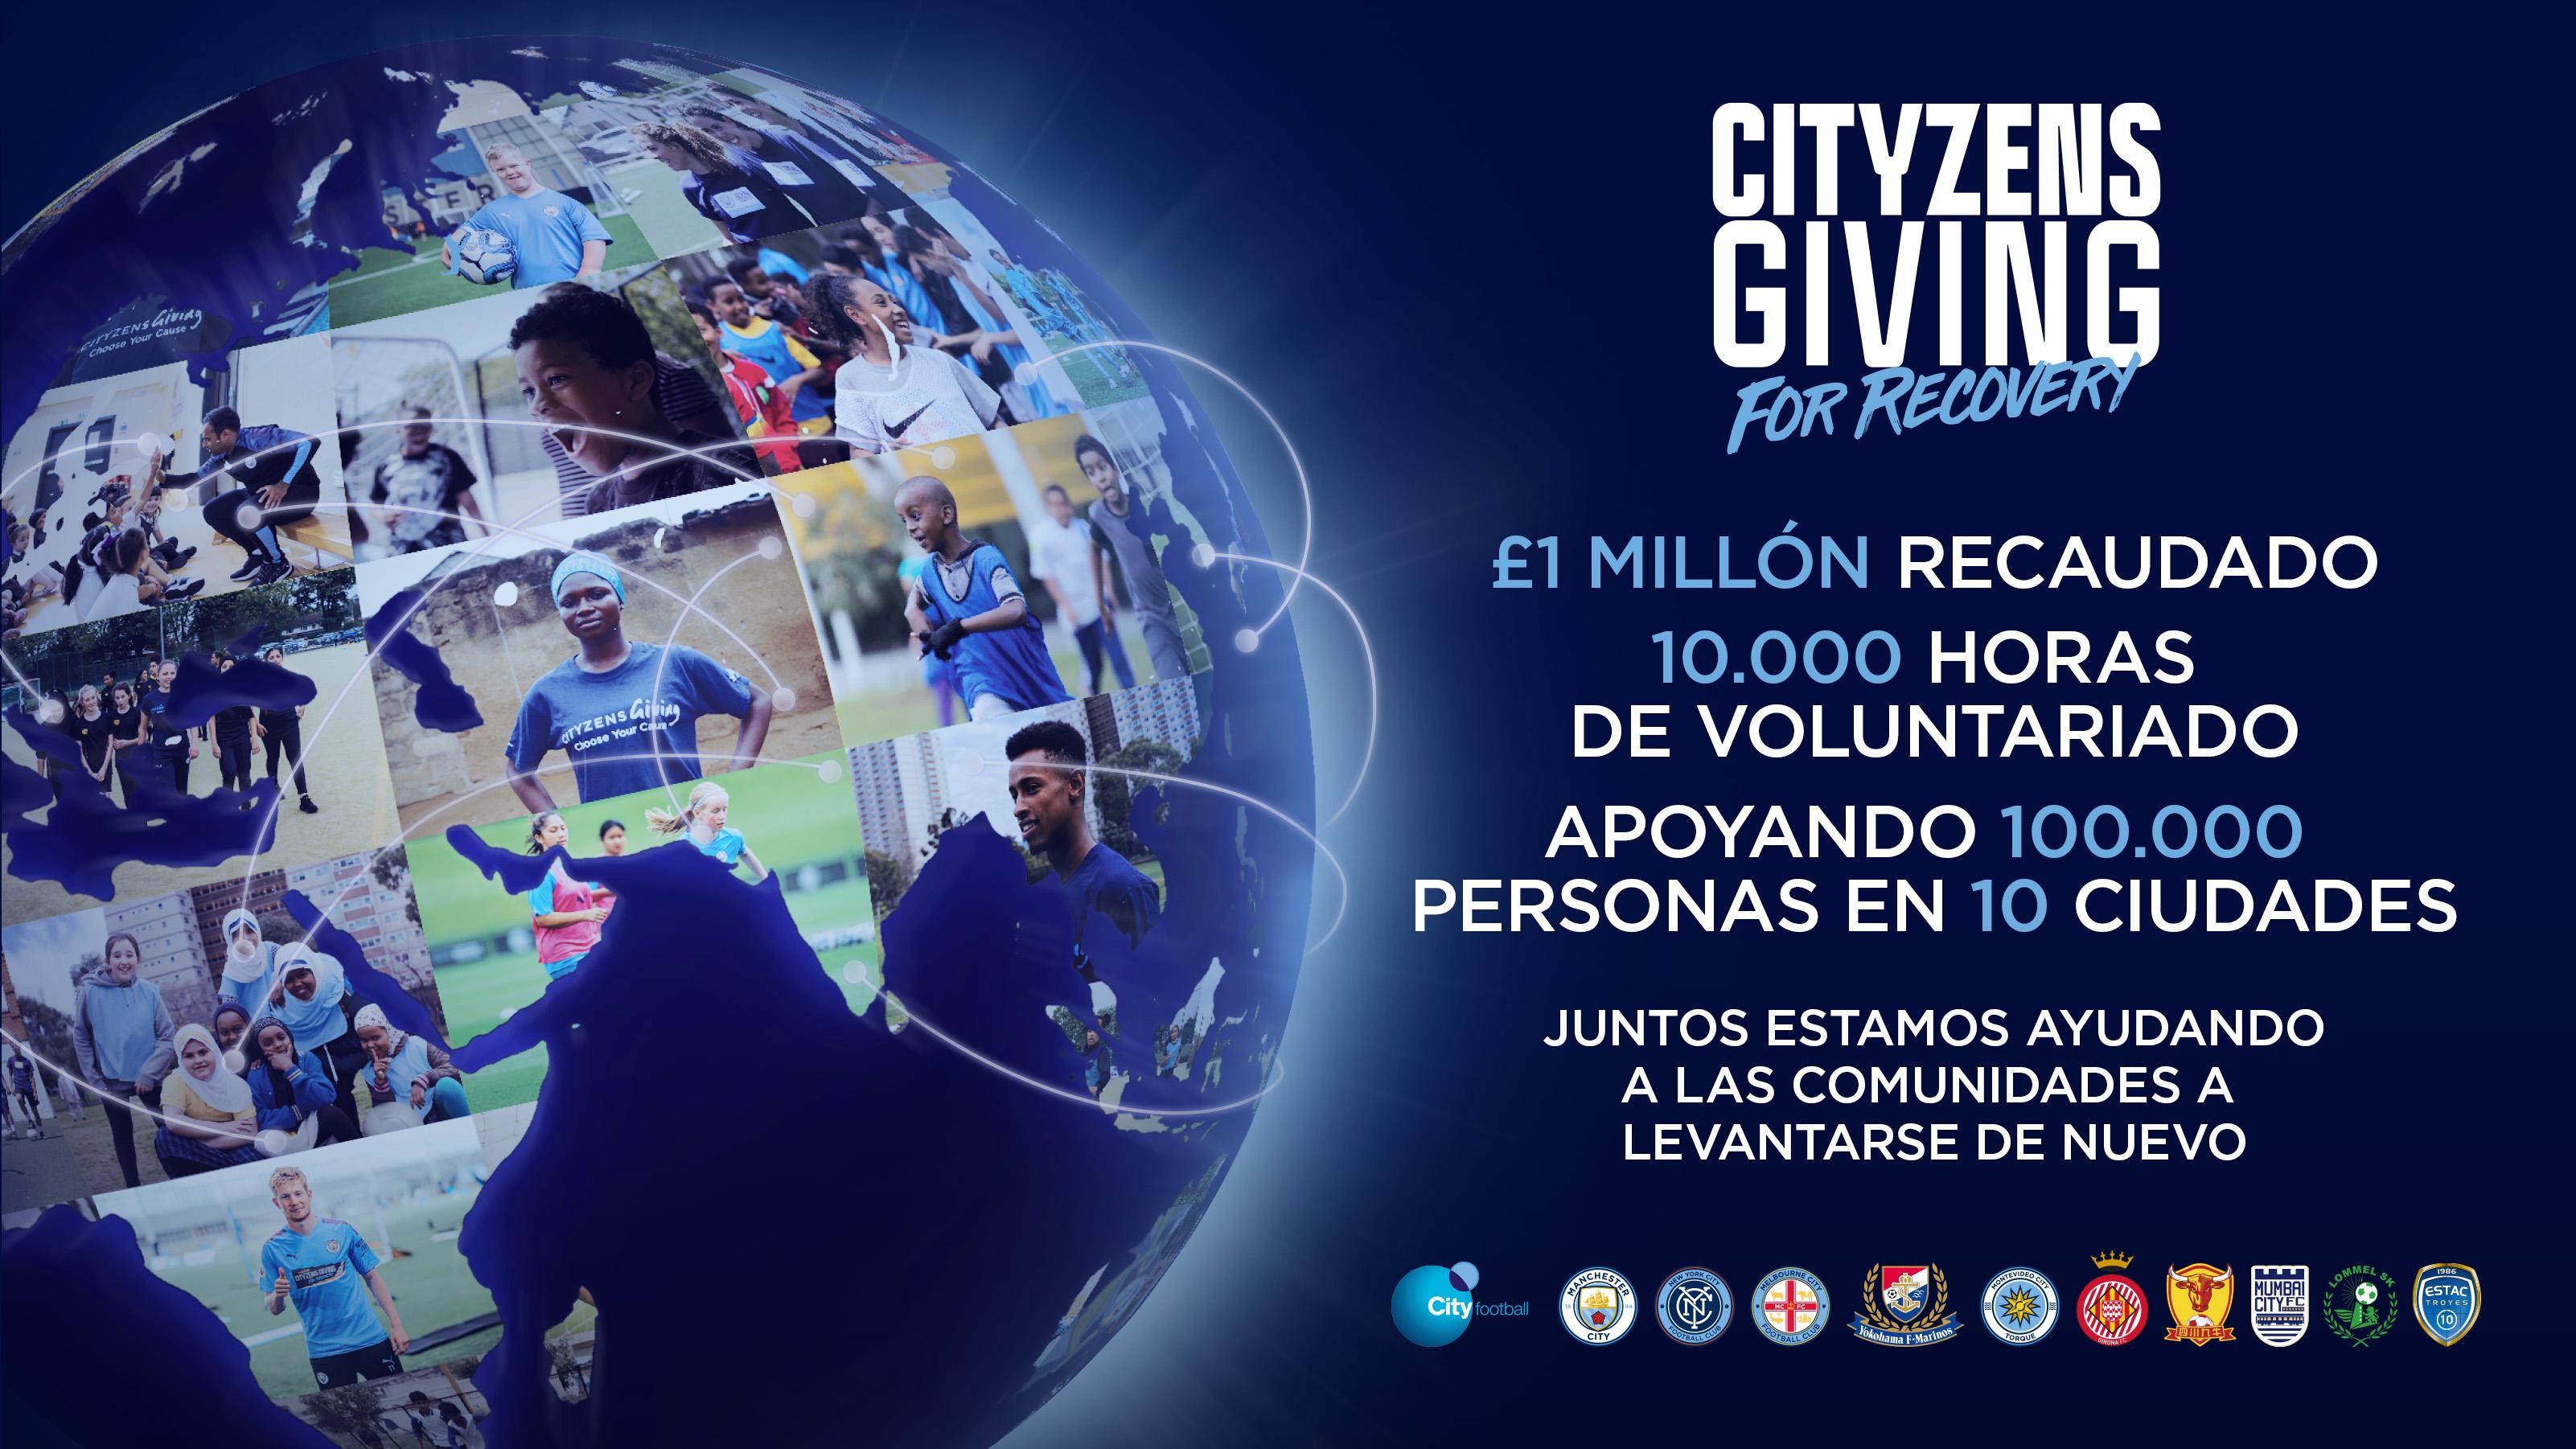 Cityzens Giving: Ciudad de México